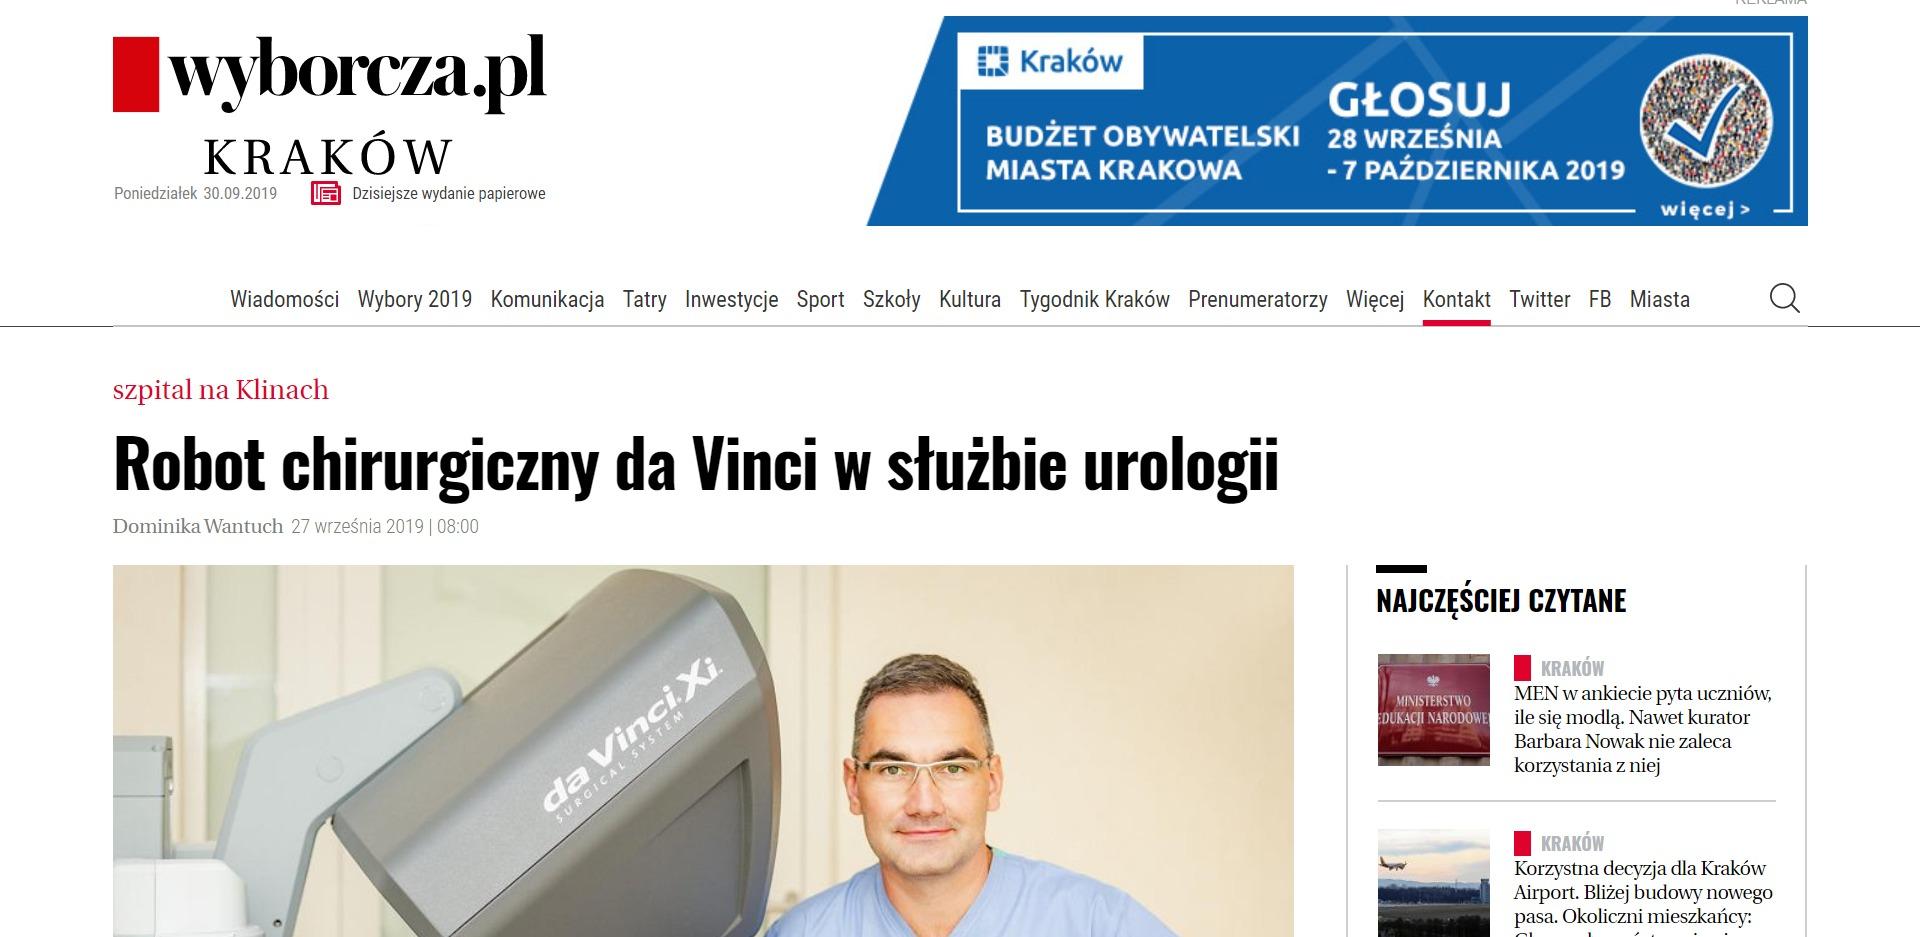 Robot chirurgiczny da Vinci w służbie urologii